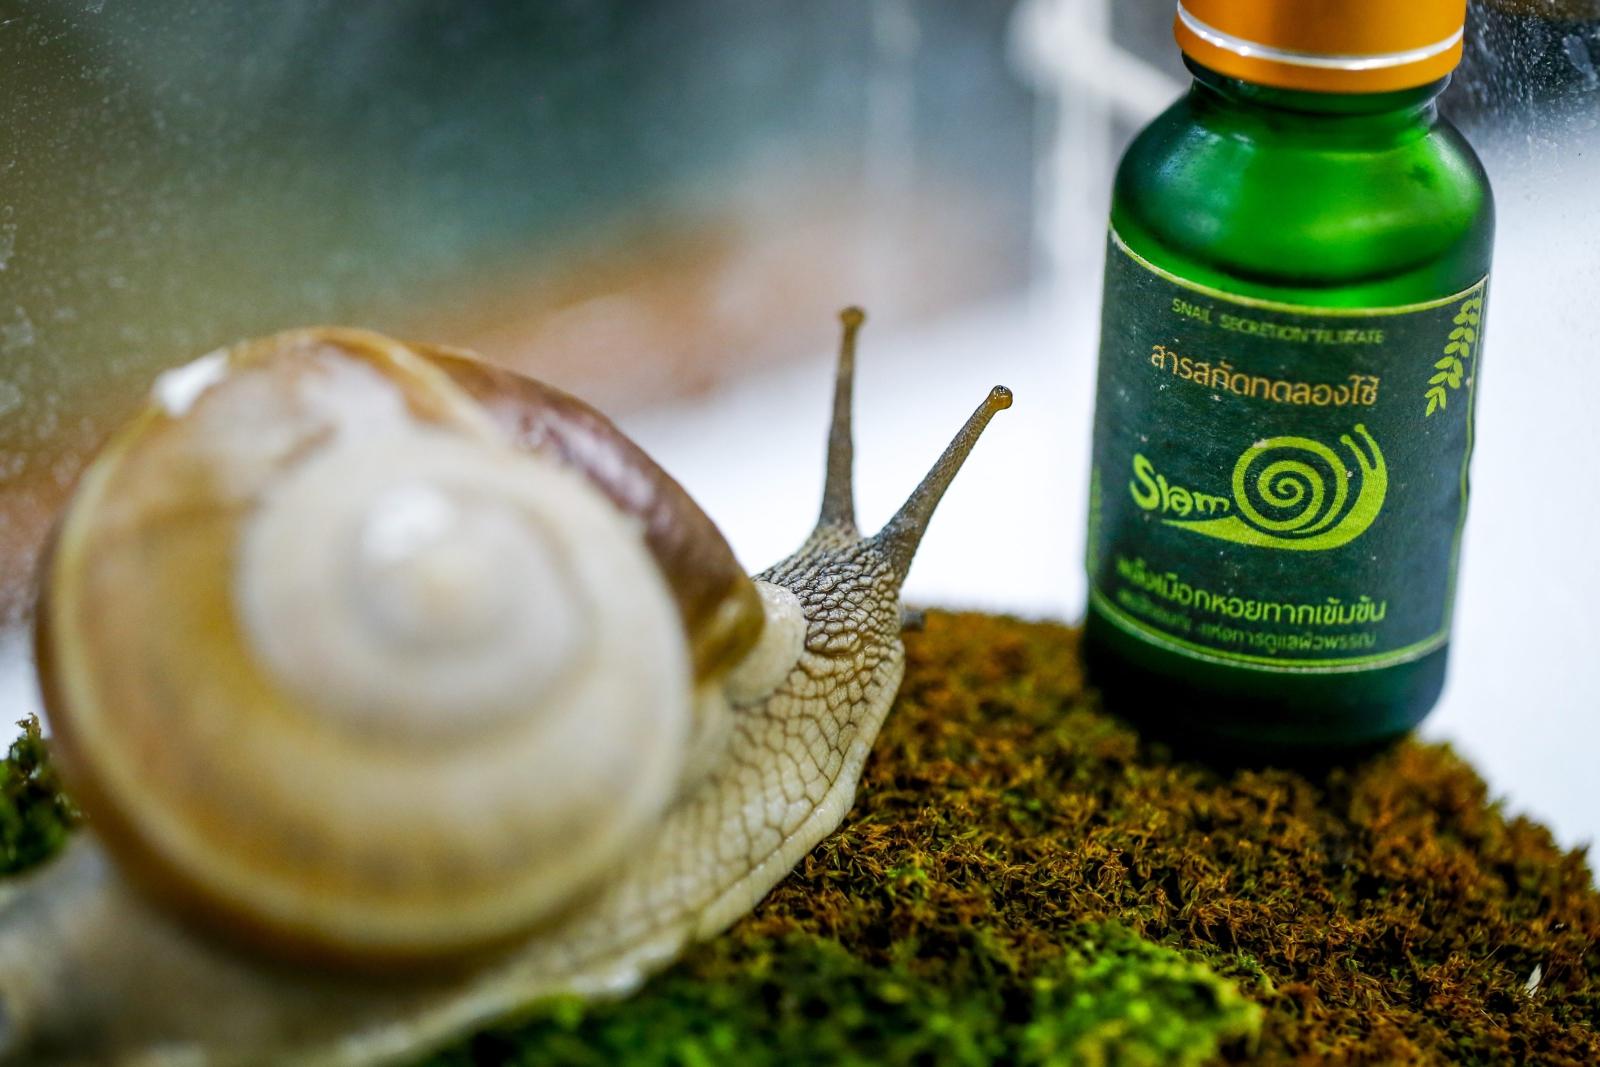 La bave d'escargot: est-ce que cela vaut la peine d'essayer?